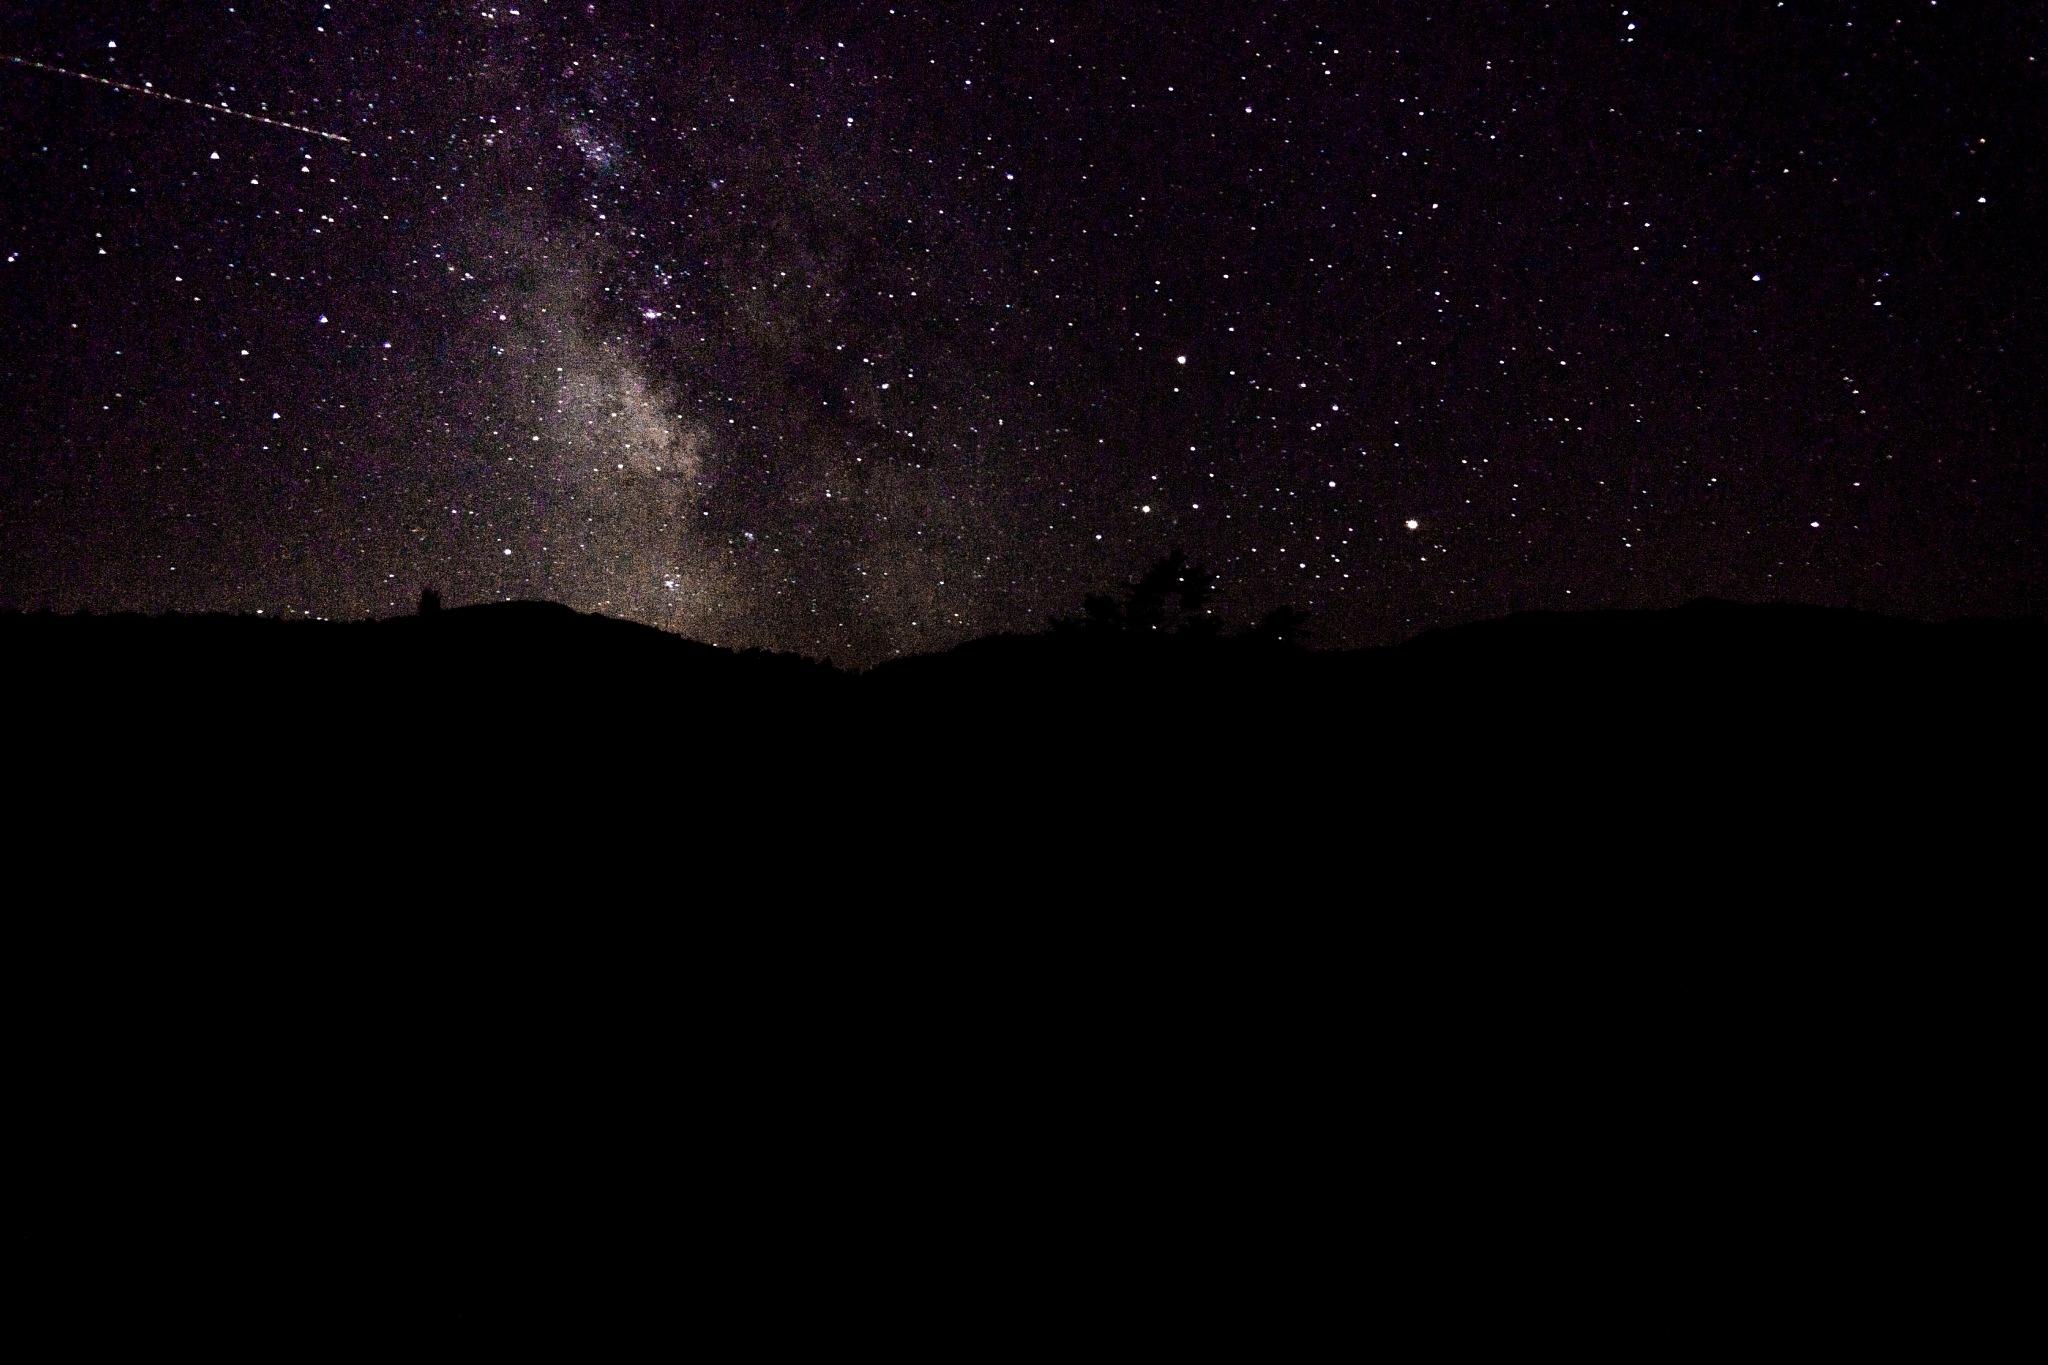 Milkyway and starfall by Nemanja Raskovic